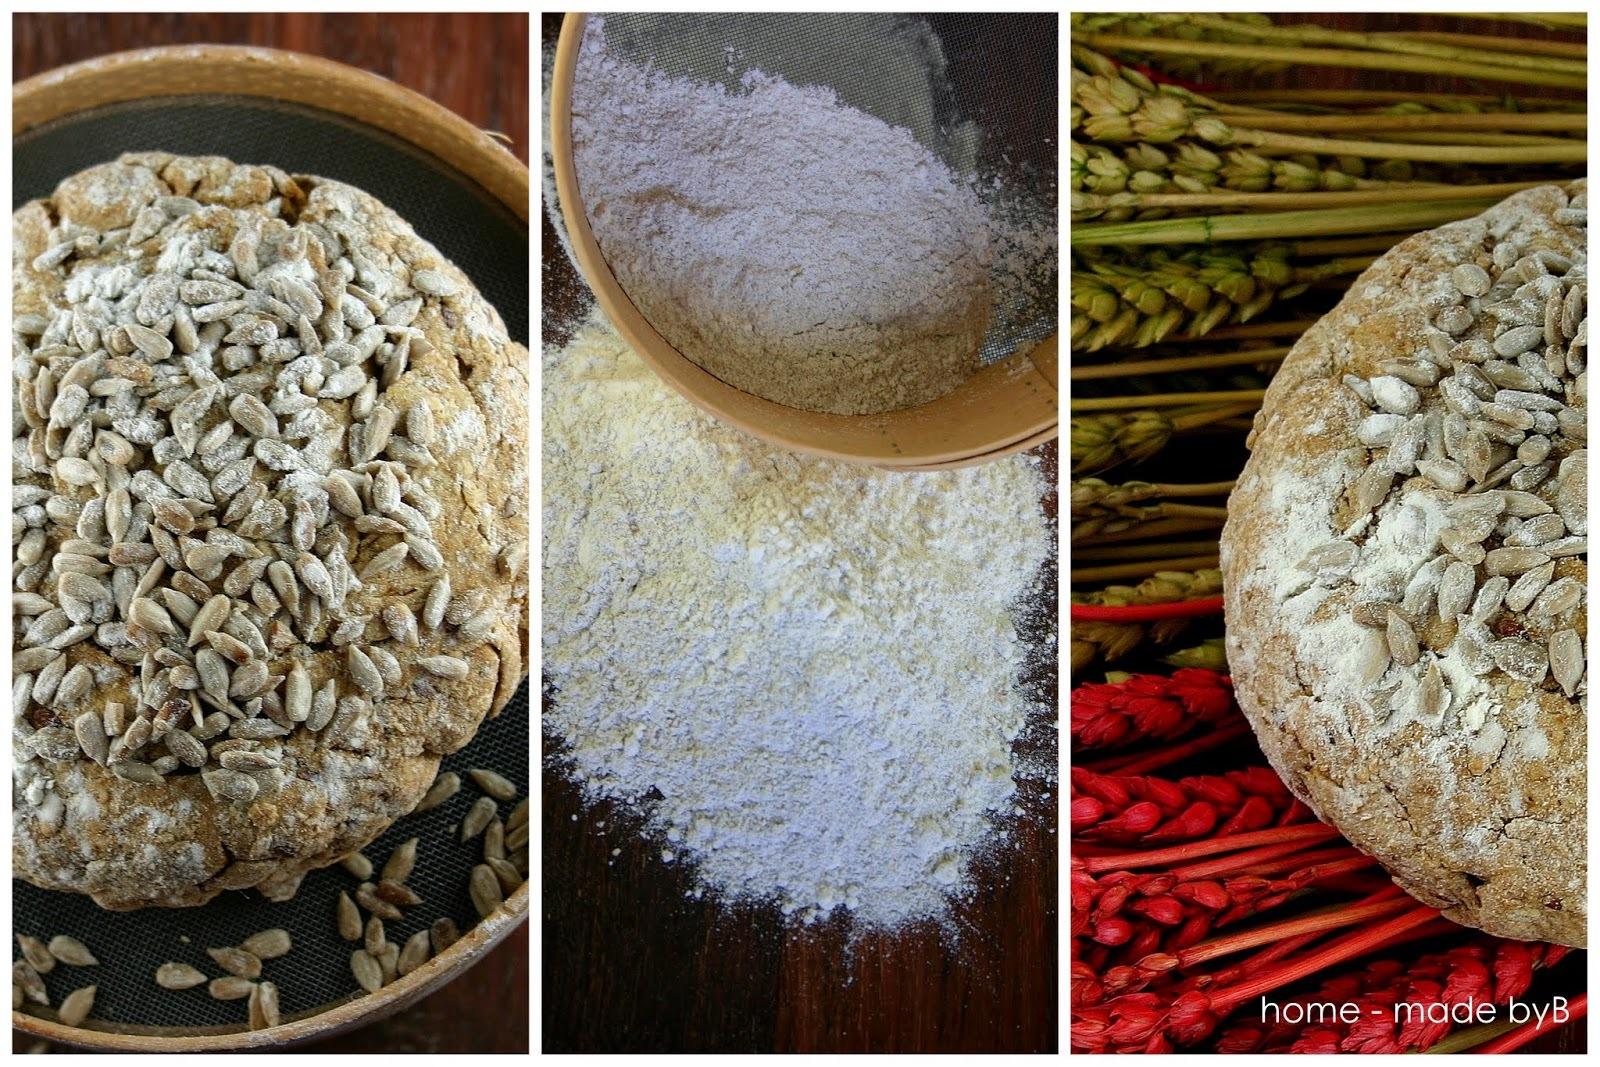 Beskvasni raženi kruh sa sjemenkama